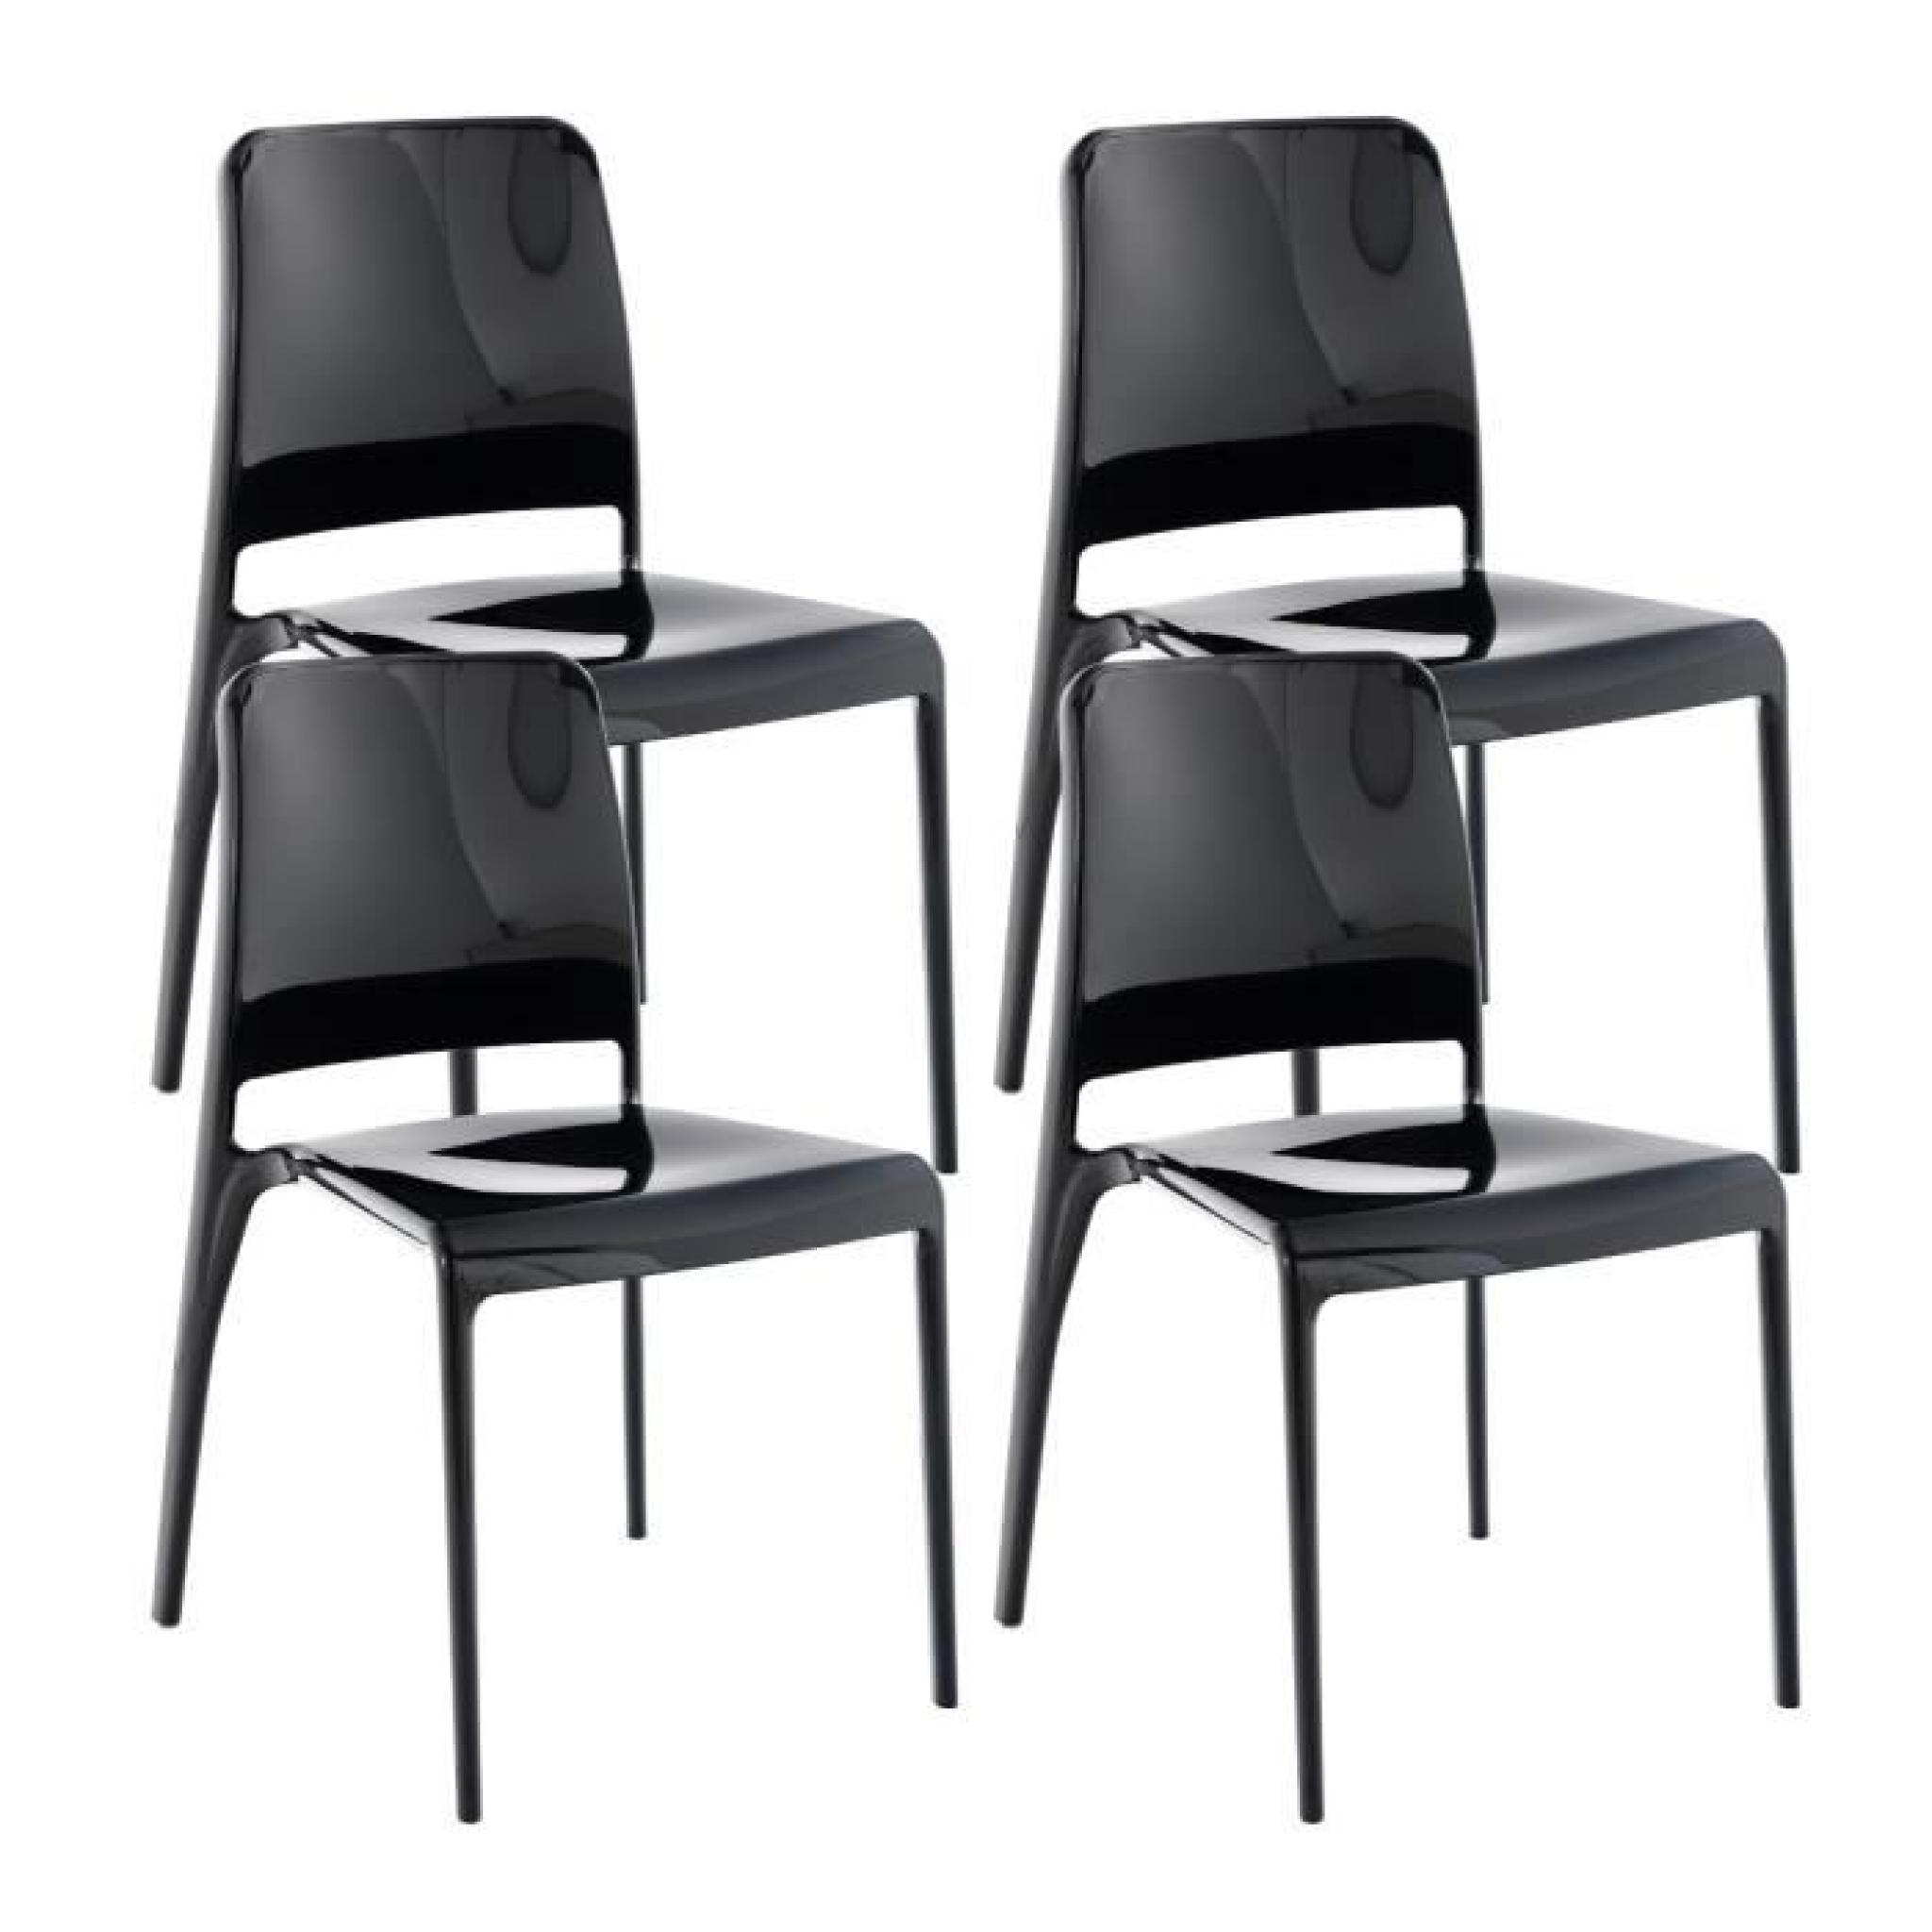 chaises empilables pas cher fabulous free large size of chaise de salon moderne dans le pas. Black Bedroom Furniture Sets. Home Design Ideas